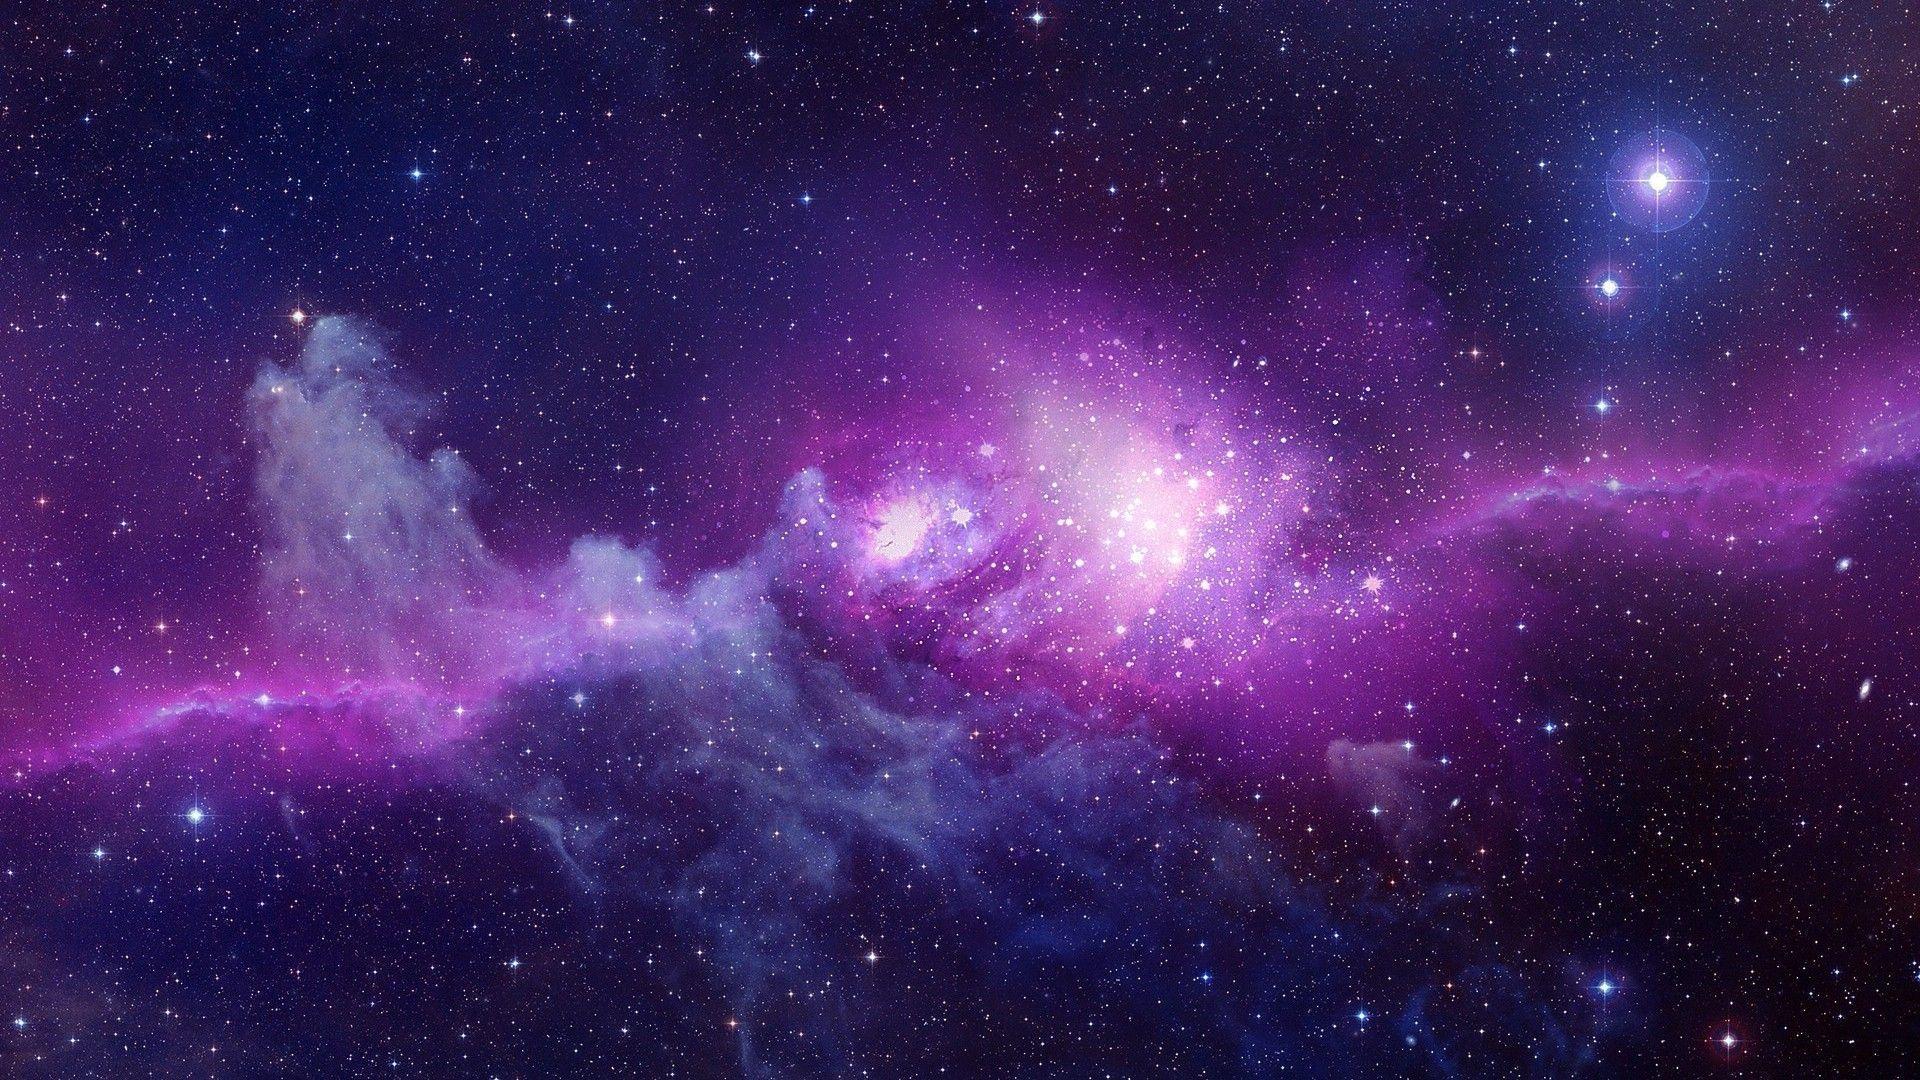 Hd wallpaper galaxy - Purple Galaxy Wallpaper